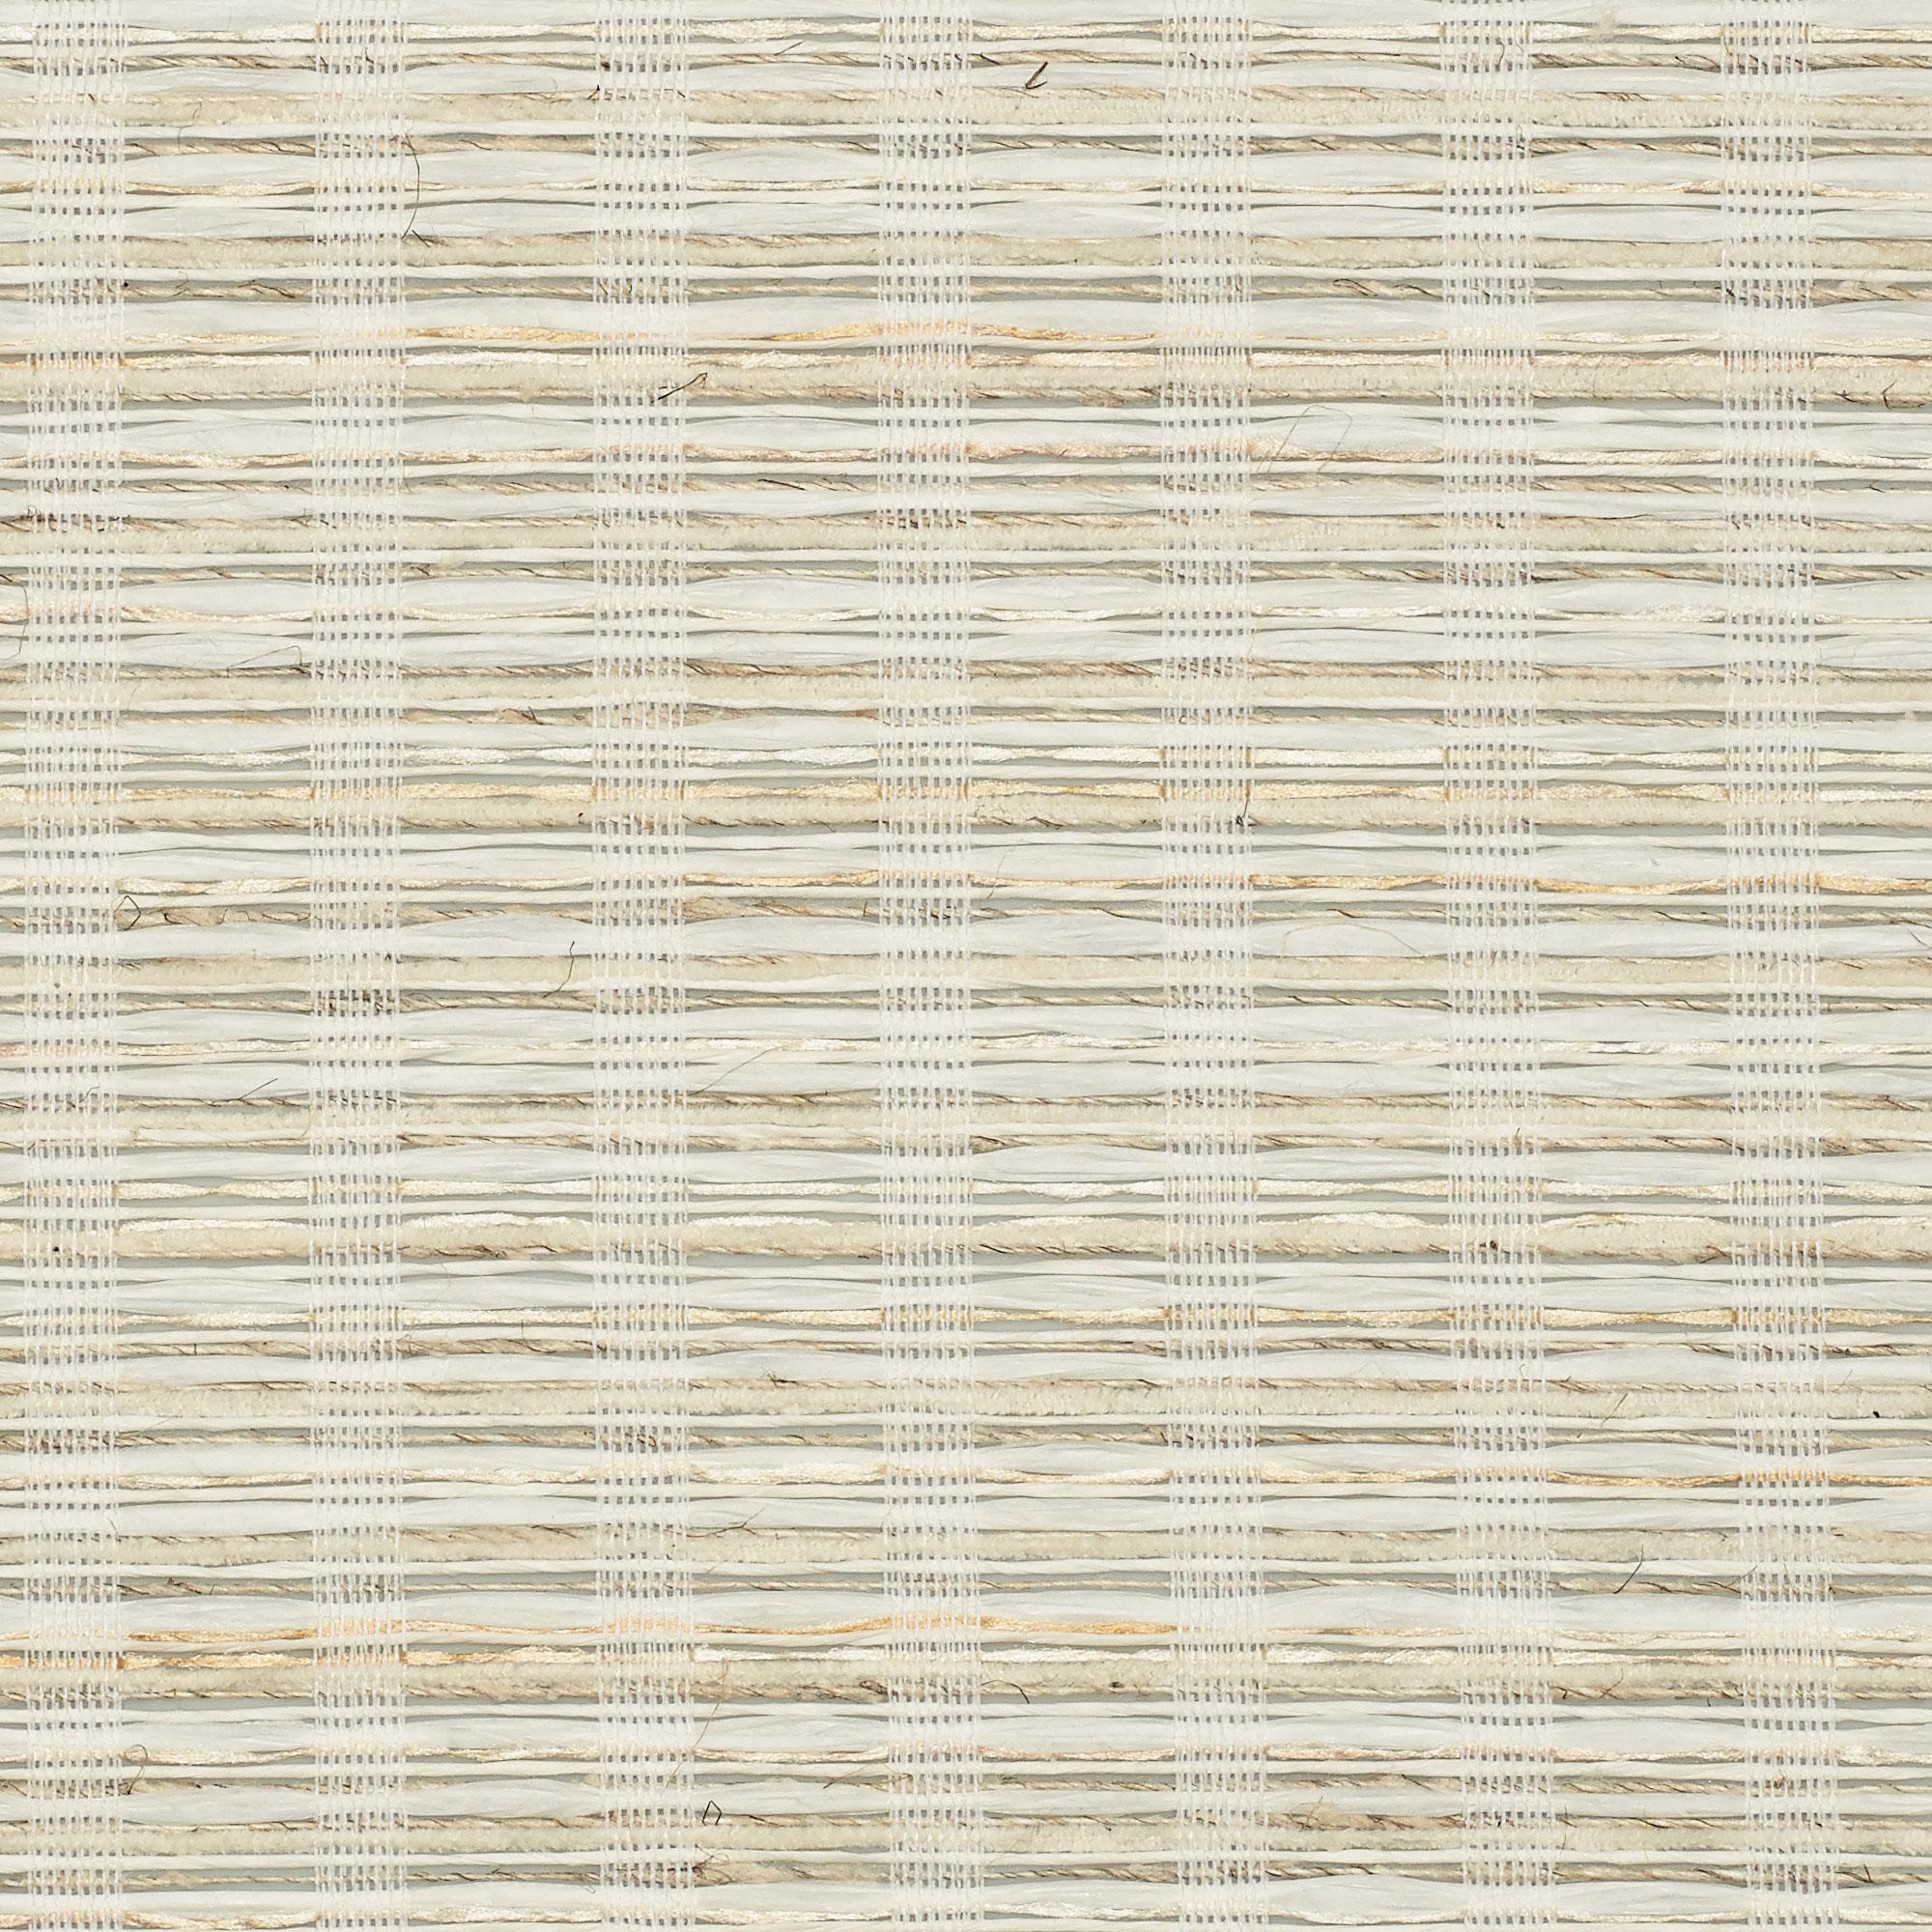 swatch-PW157-06-woolen-mill-ecru-web.jpg